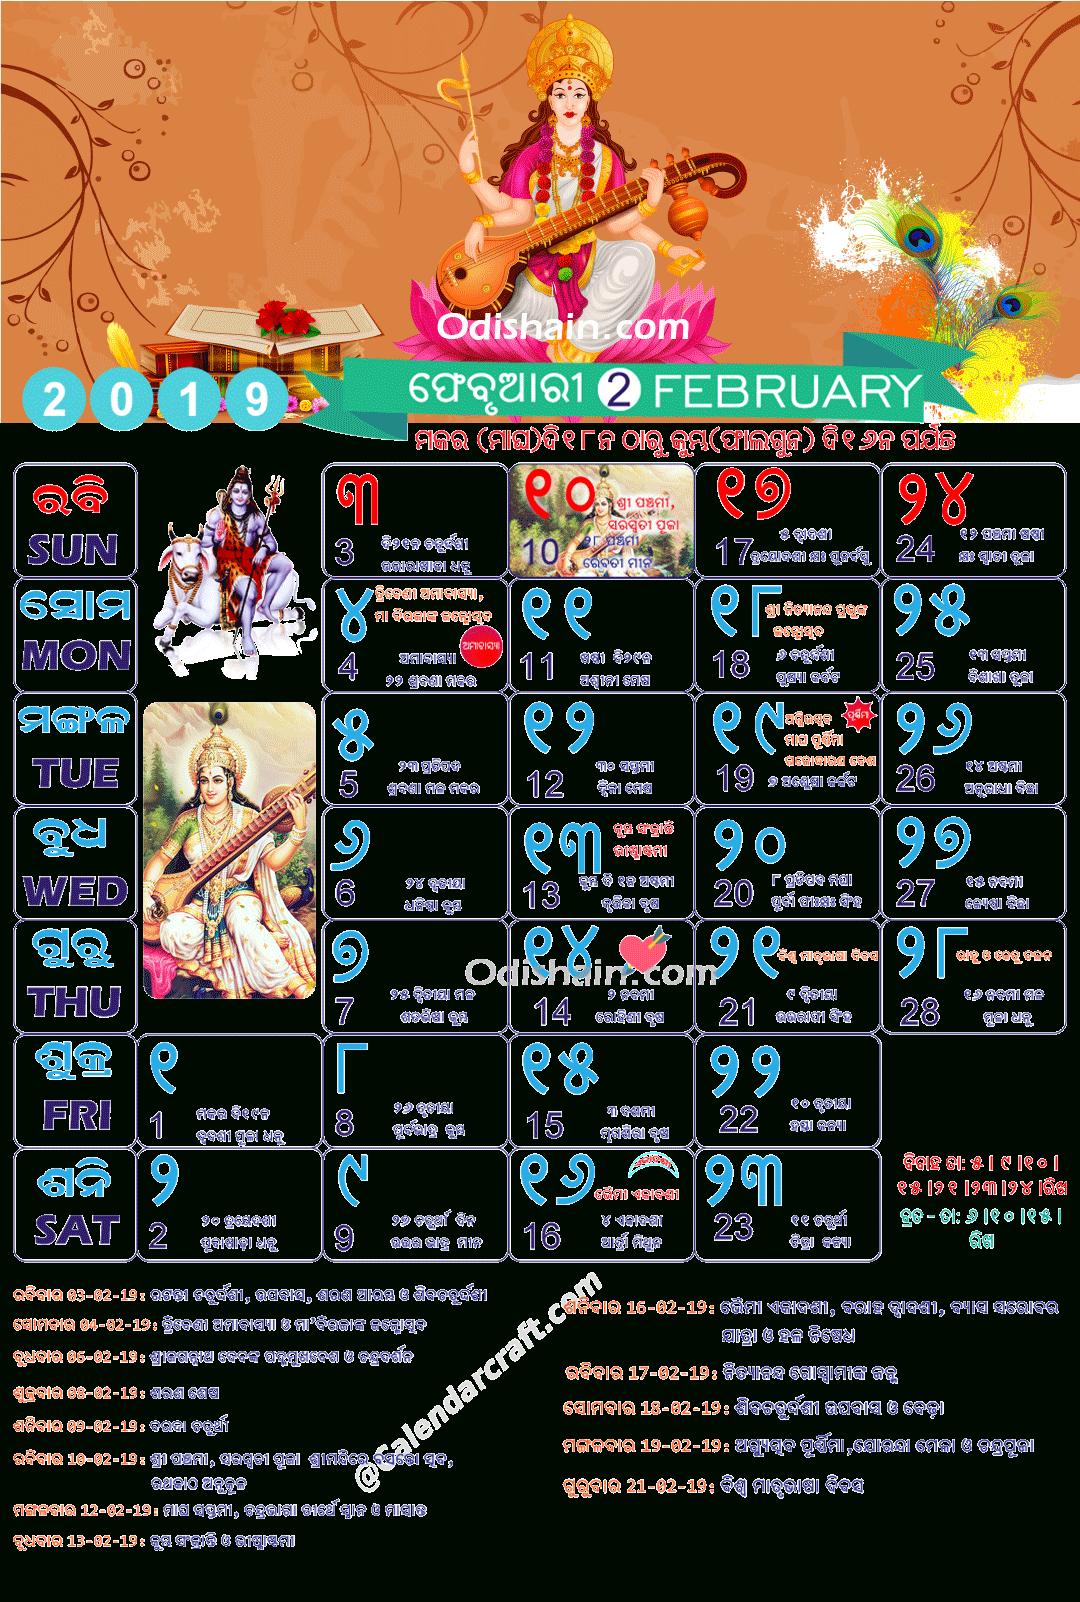 Odia Calendar 2019 Odia (Oriya) 2019 | Odishain intended for Oriya Calendar 2020 February